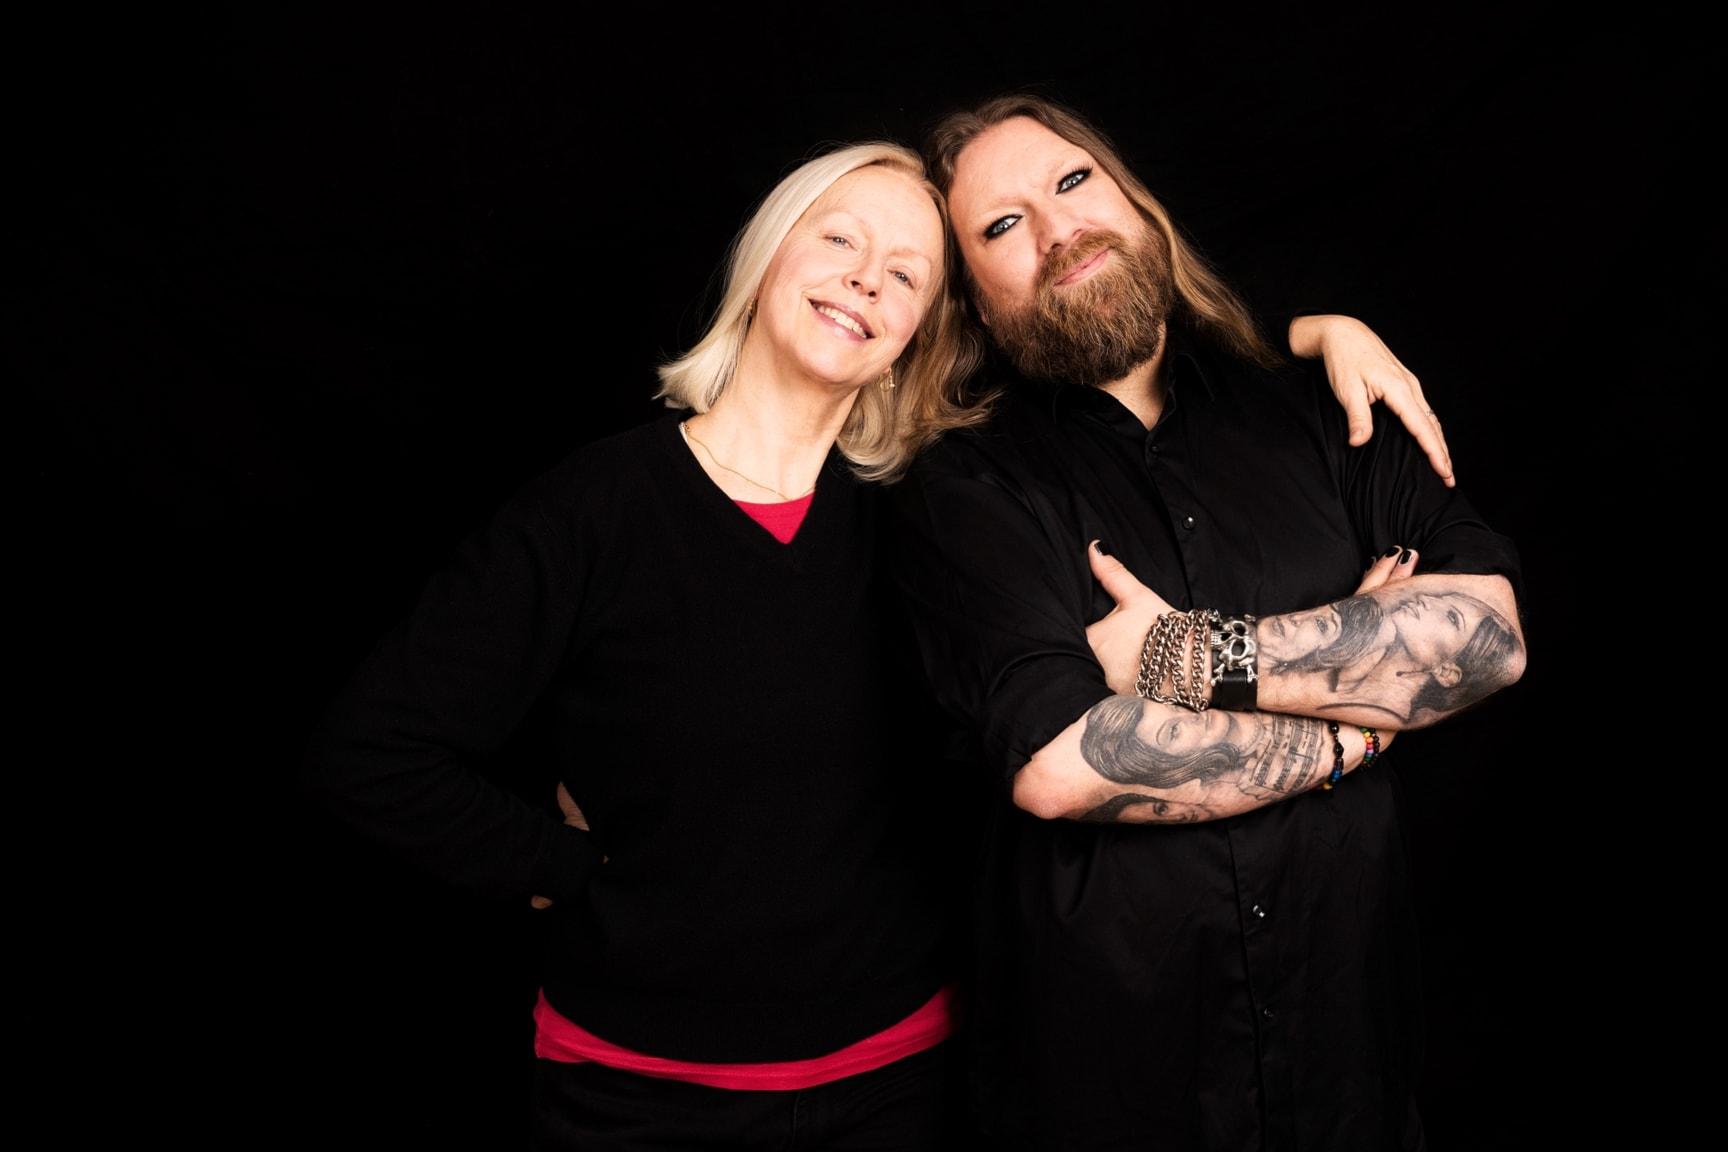 Kvinnor som gestaltar män med gäst Anne Sofie von Otter